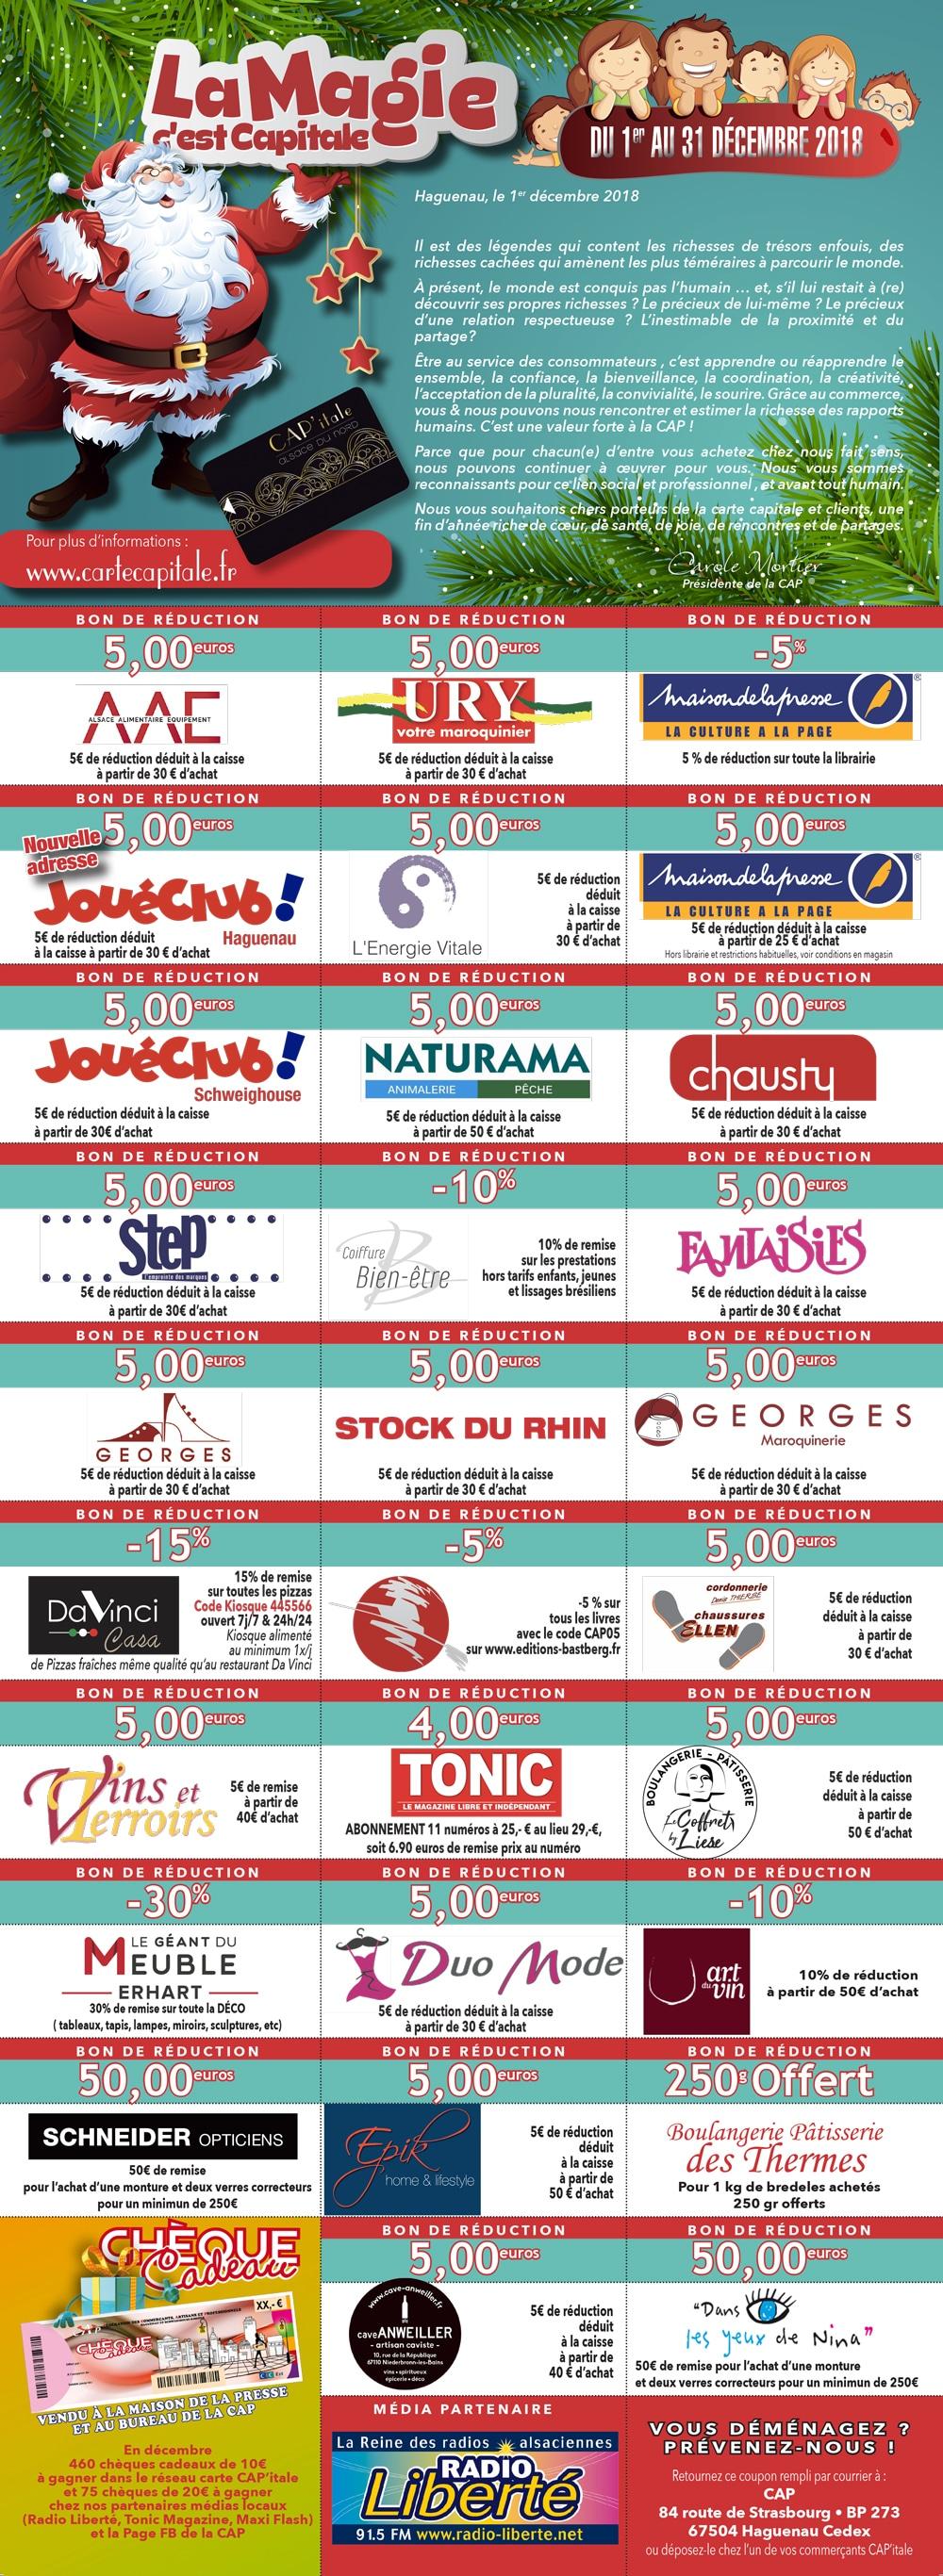 Jeu de Noël 2018 - Carte CAP'itale CAP Alsace